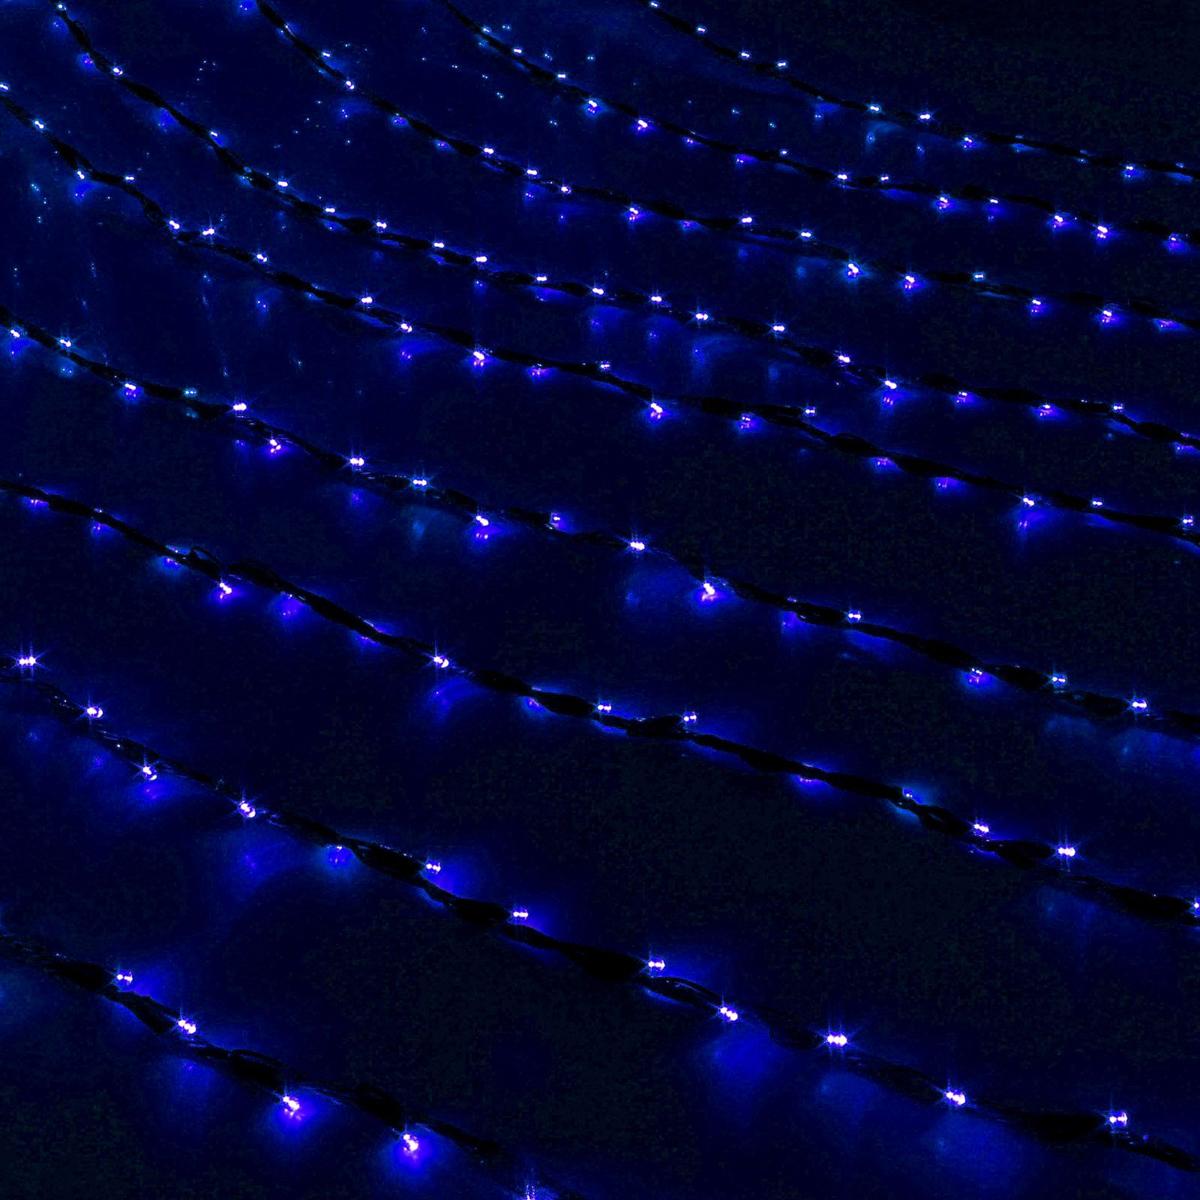 Гирлянда светодиодная Luazon Дождь, уличная, 8 режимов, 1500 ламп, 220 V, цвет: синий, 2 х 6 м. 706350706350Светодиодные гирлянды, ленты и т.д — это отличный вариант для новогоднего оформления интерьера или фасада. С их помощью помещение любого размера можно превратить в праздничный зал, а внешние элементы зданий, украшенные ими, мгновенно станут напоминать очертания сказочного дворца. Такие украшения создают ауру предвкушения чуда. Деревья, фасады, витрины, окна и арки будто специально созданы, чтобы вы украсили их светящимися нитями.